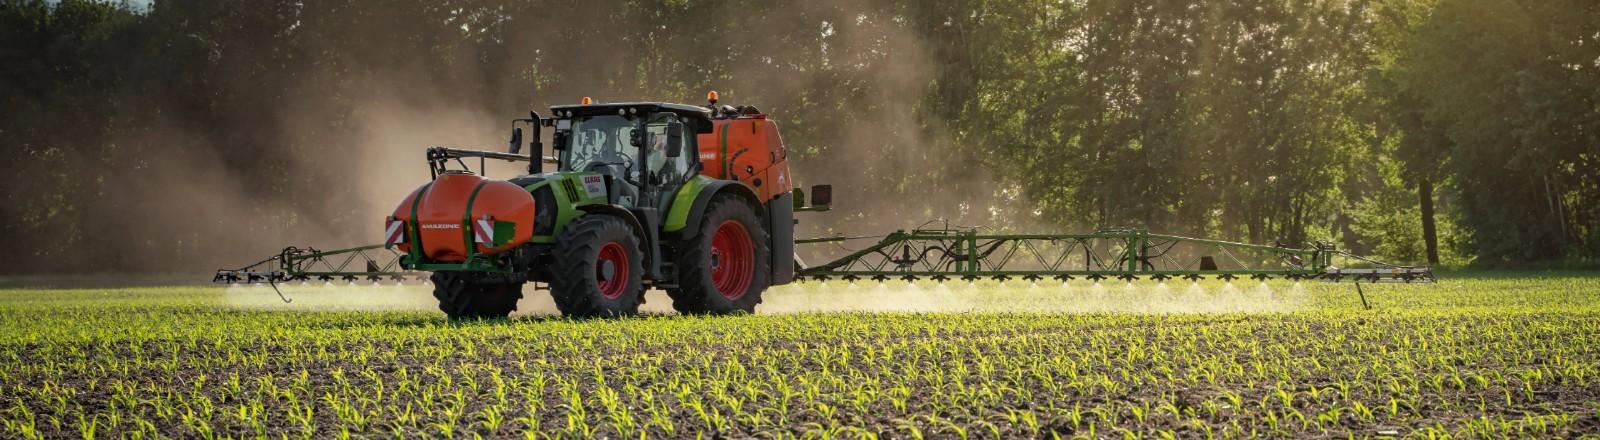 Traktor fährt über ein Feld und versprüht Pflanzenschutzmittel